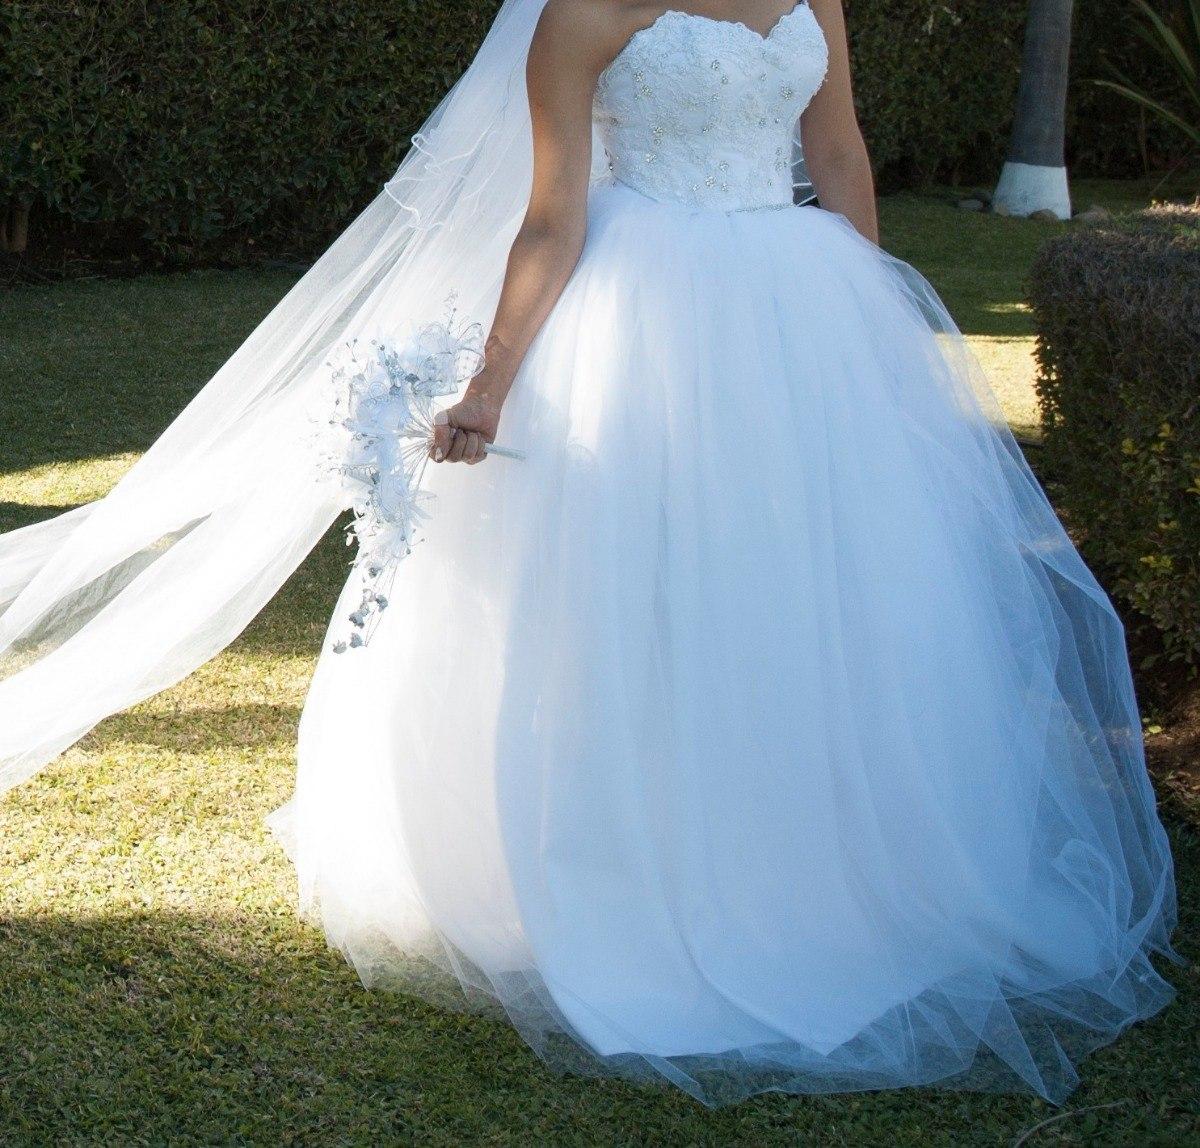 Vestido De Novia Tipo Princesa Blanco - $ 5,000.00 en Mercado Libre